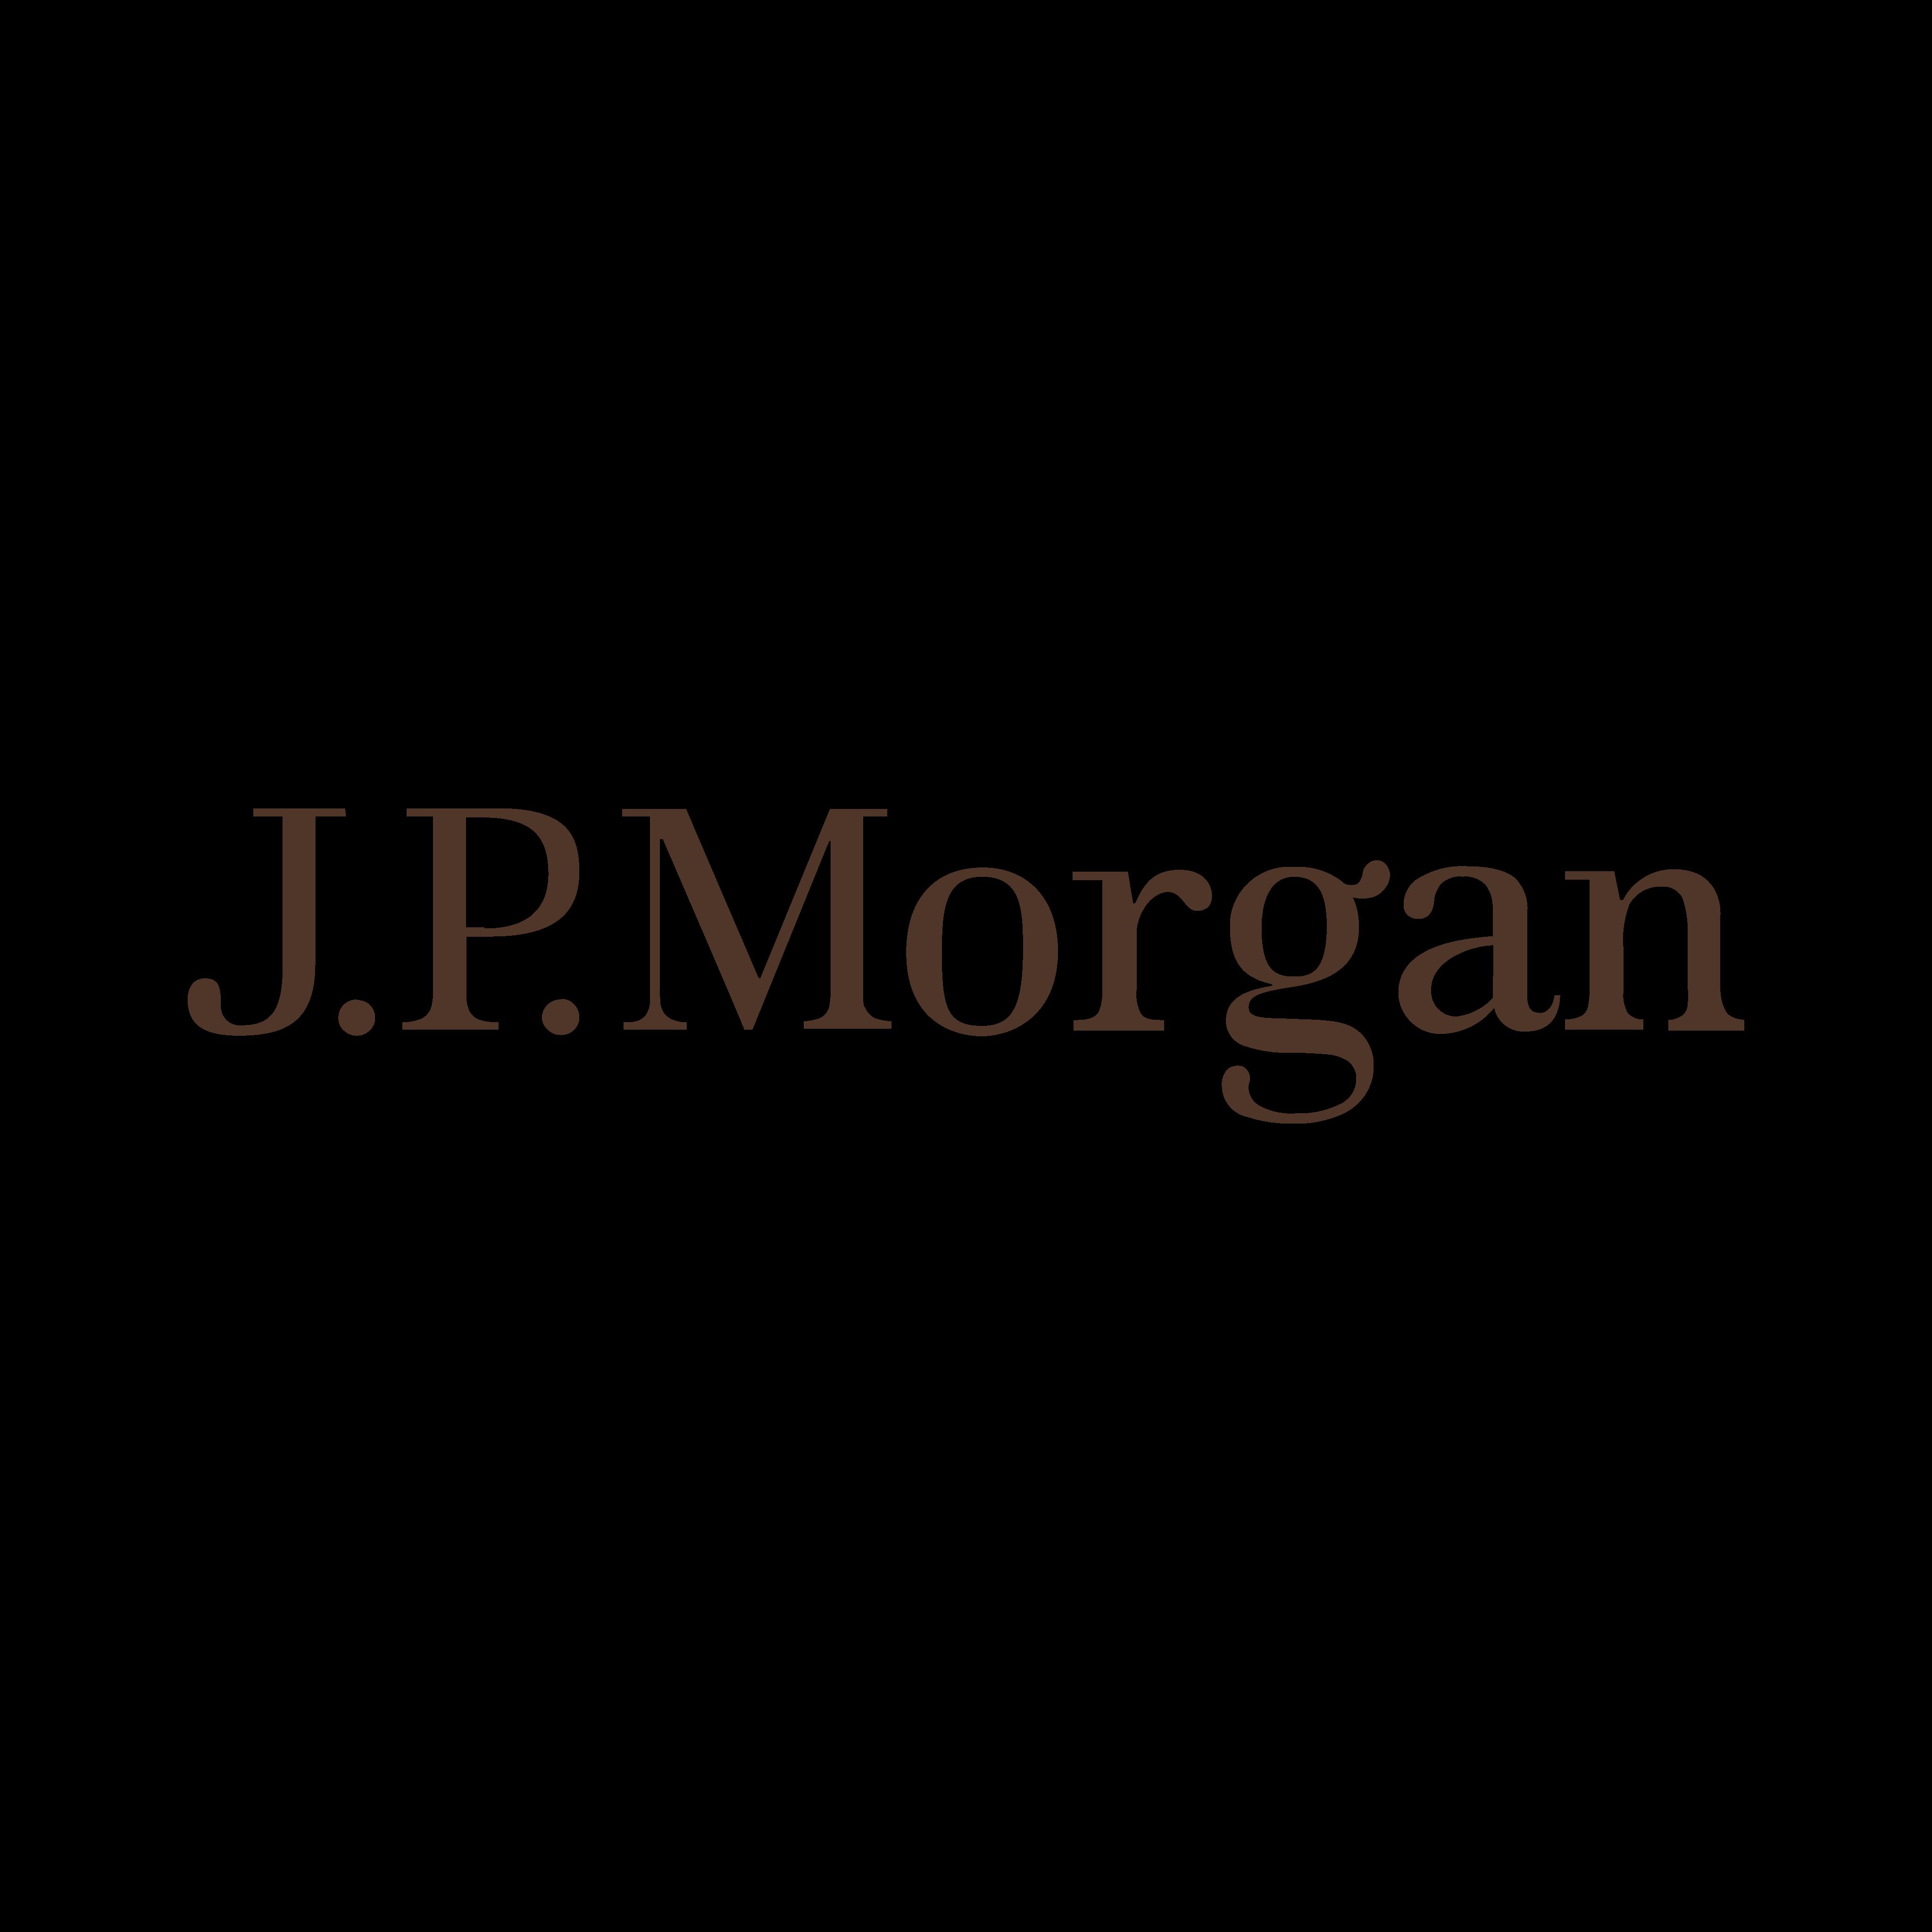 jp morgan logo 0 - J.P. Morgan Logo